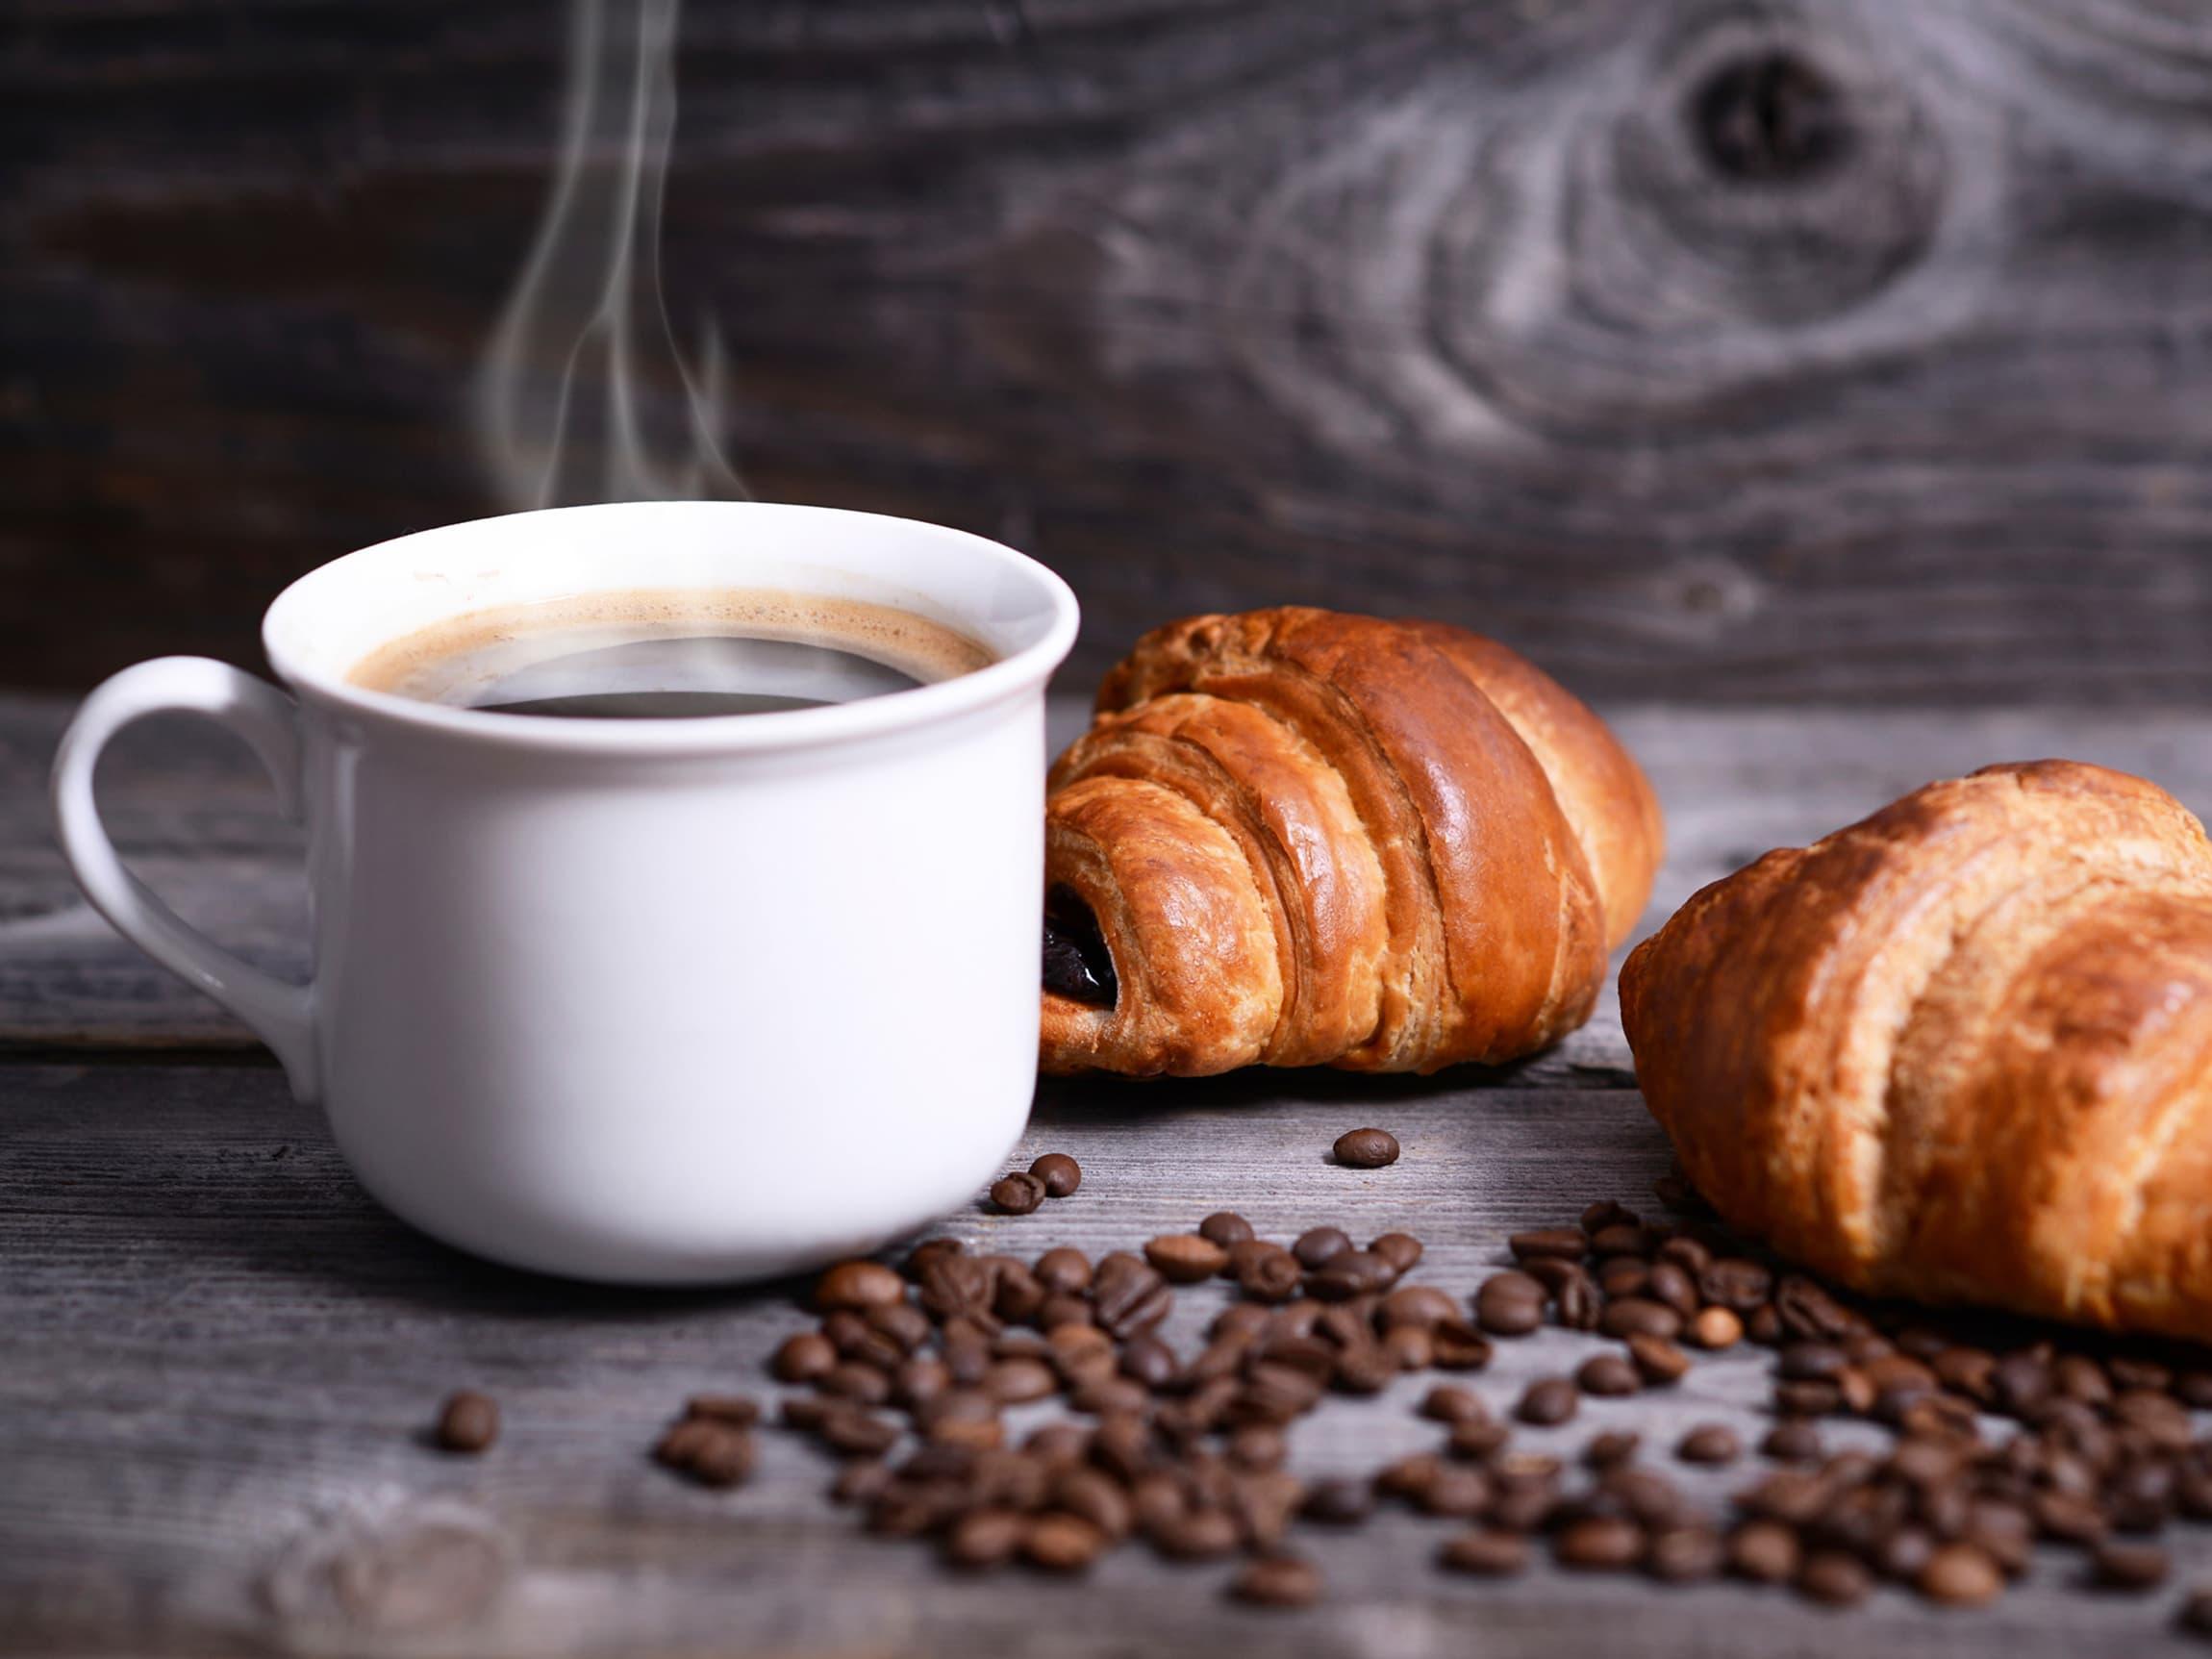 Visste du at kaffe av høy kvalitet  inneholder mer enn 1000 forskjellige aromastoffer?